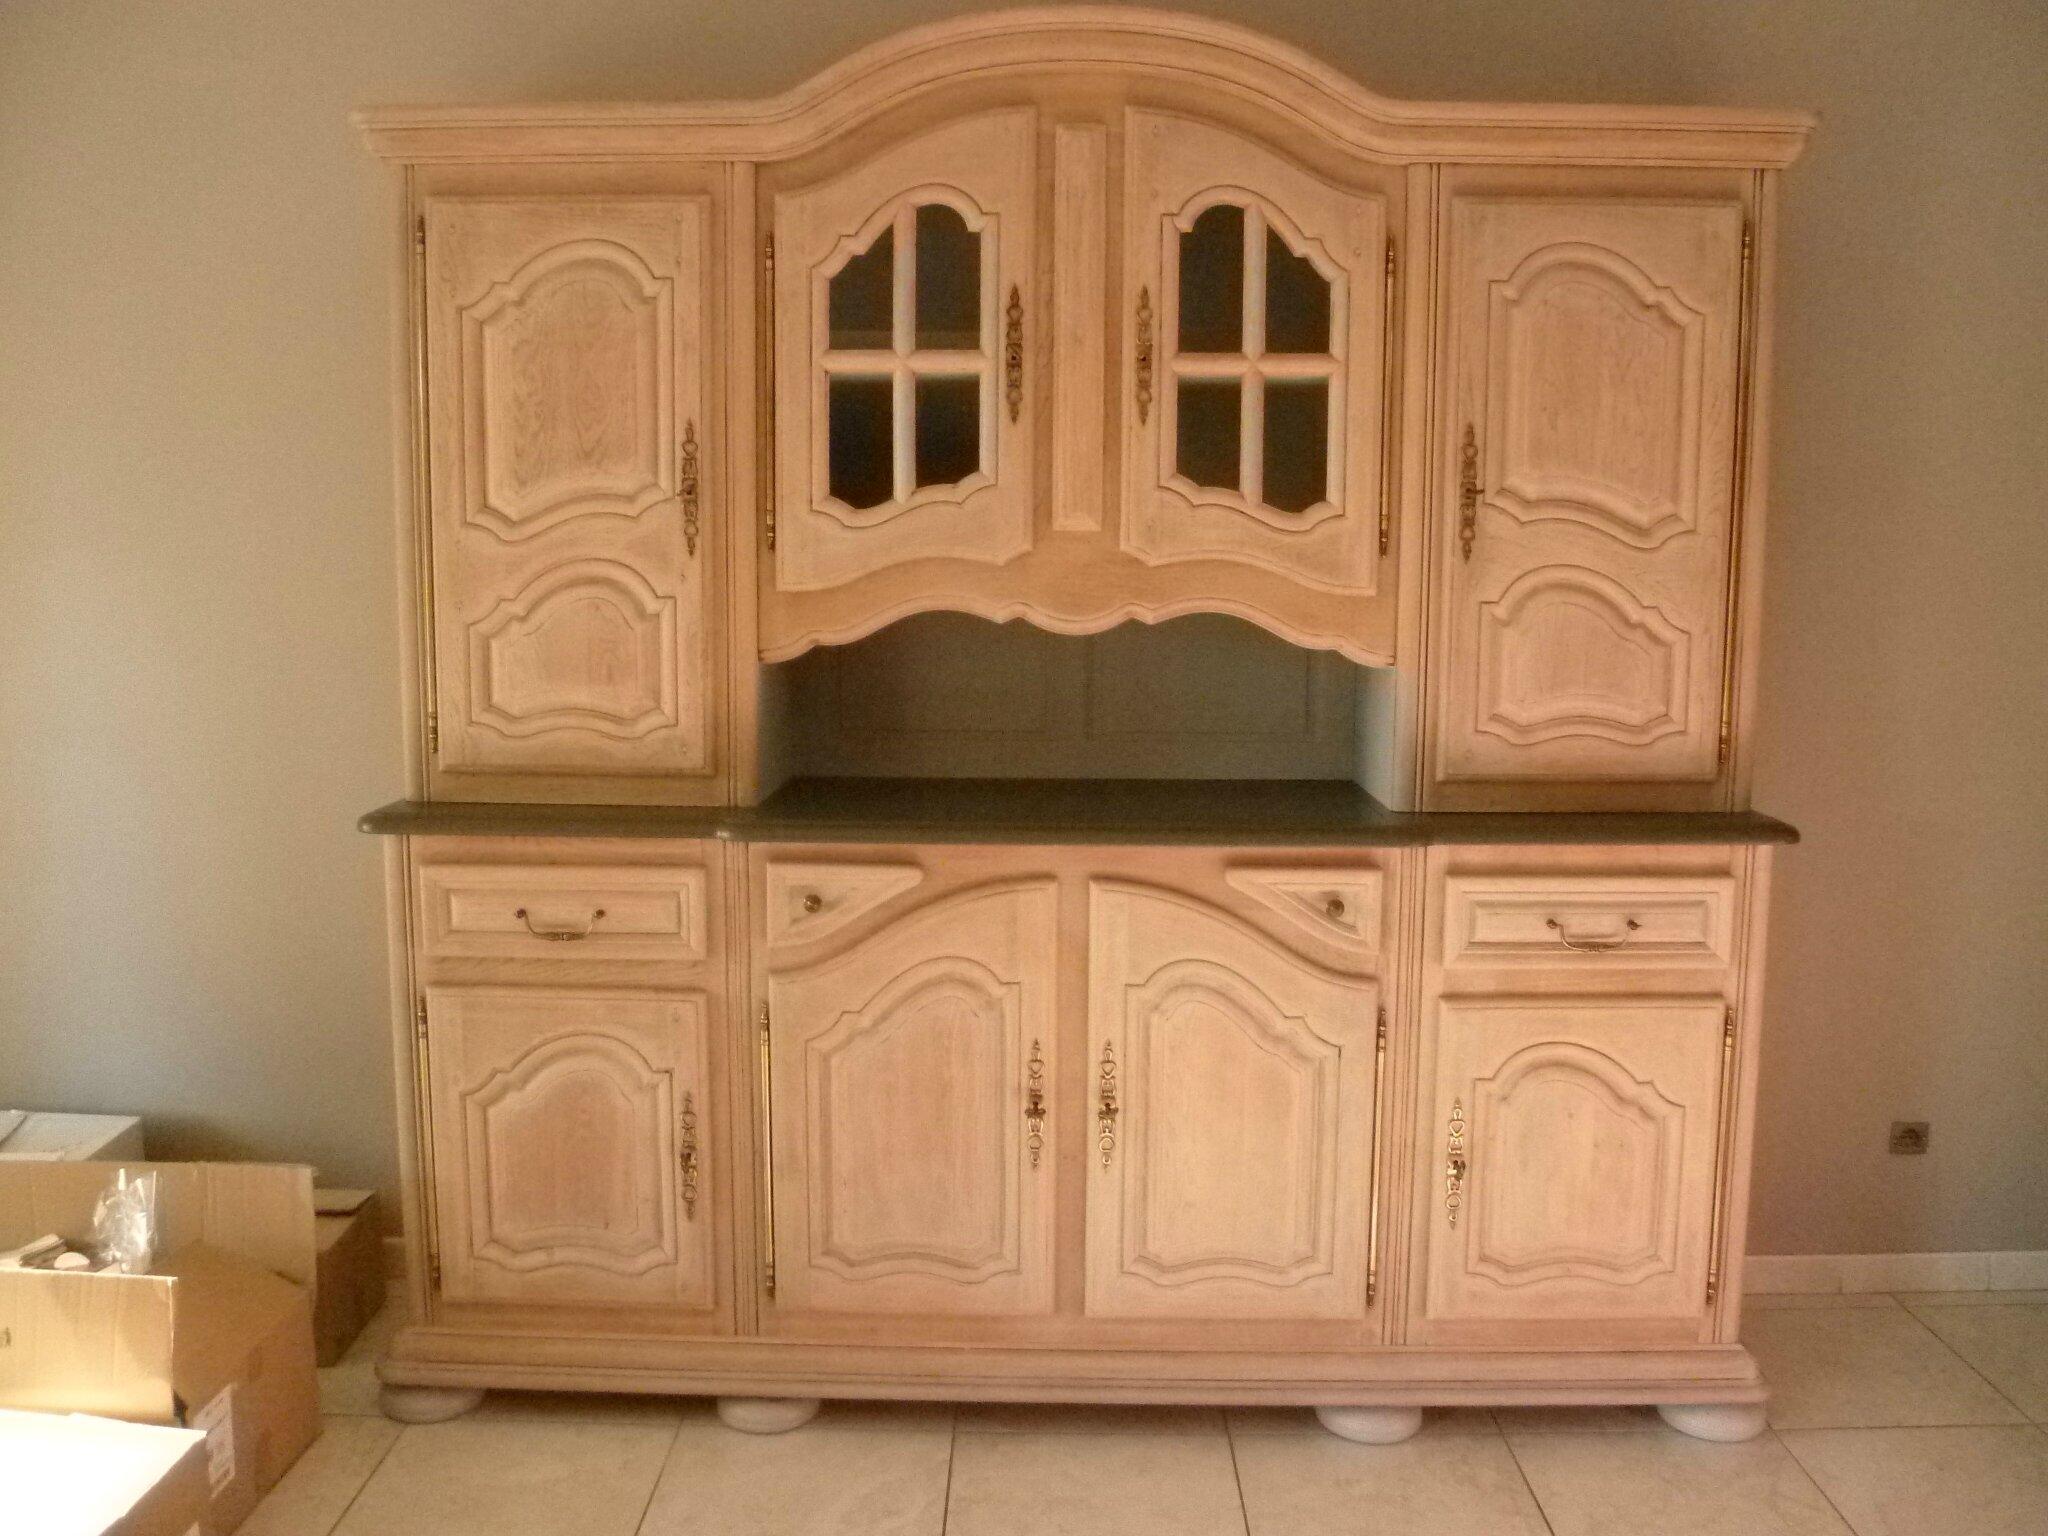 modele cuisine home staging avec des id es of repeindre. Black Bedroom Furniture Sets. Home Design Ideas